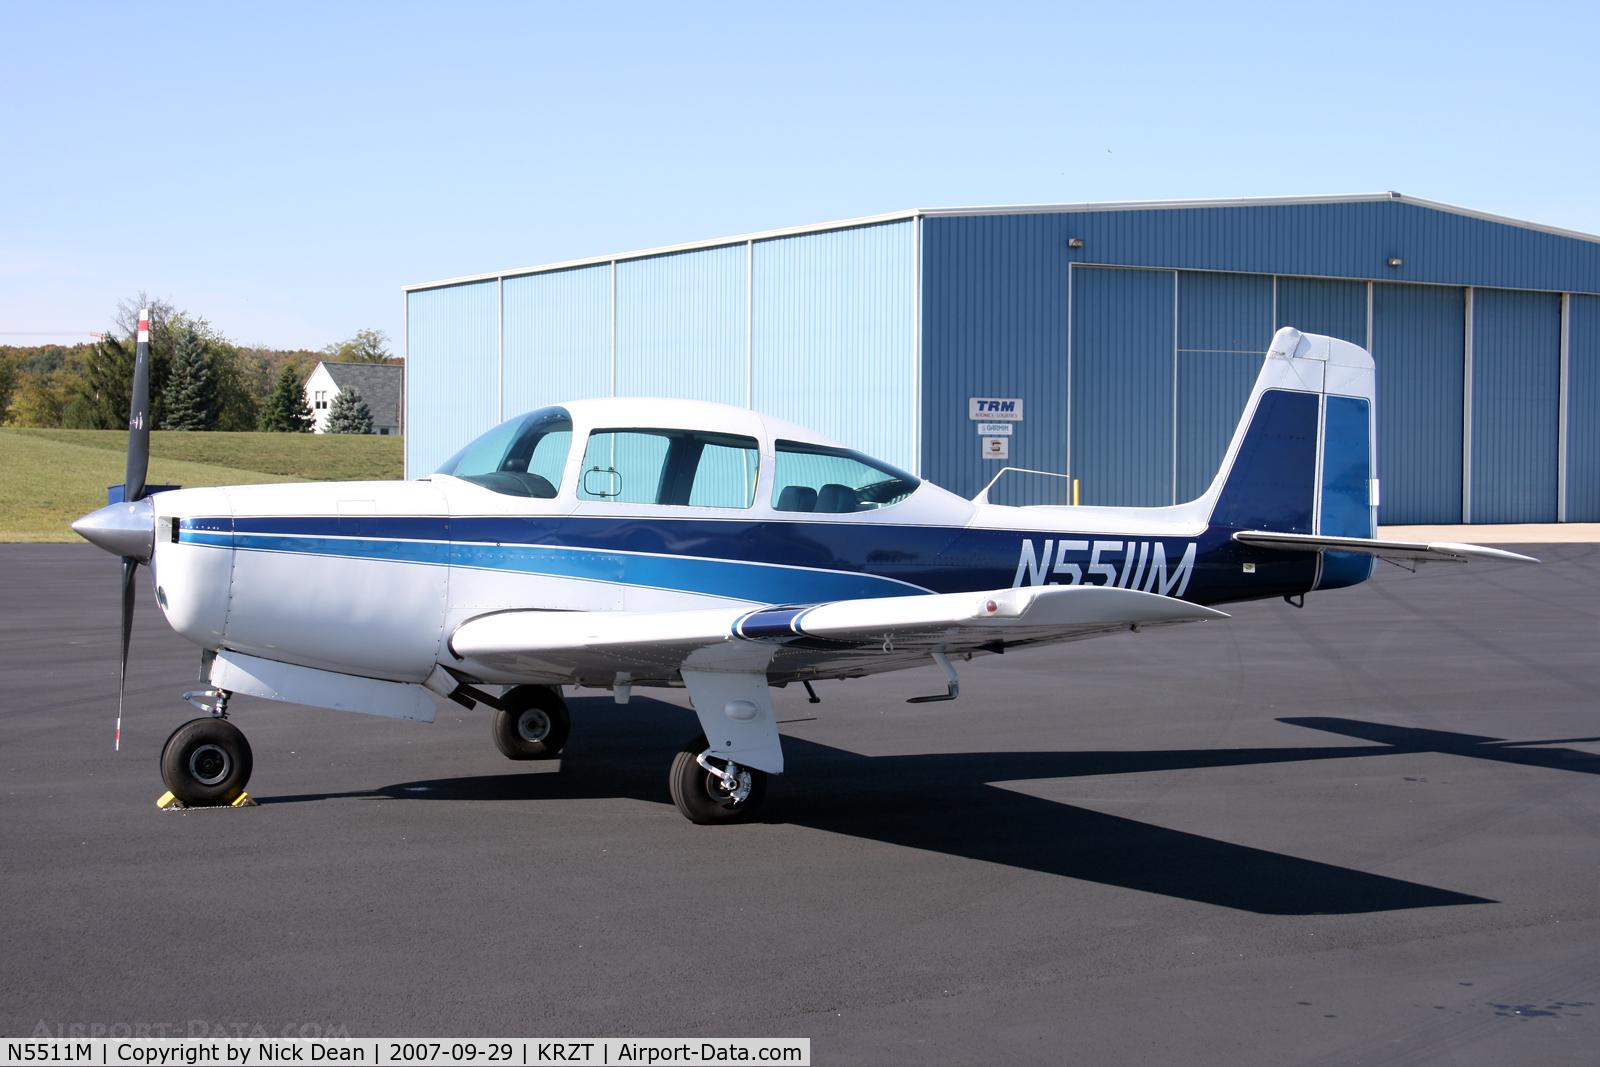 N5511M, 1967 Aero Commander 200D C/N 382, /